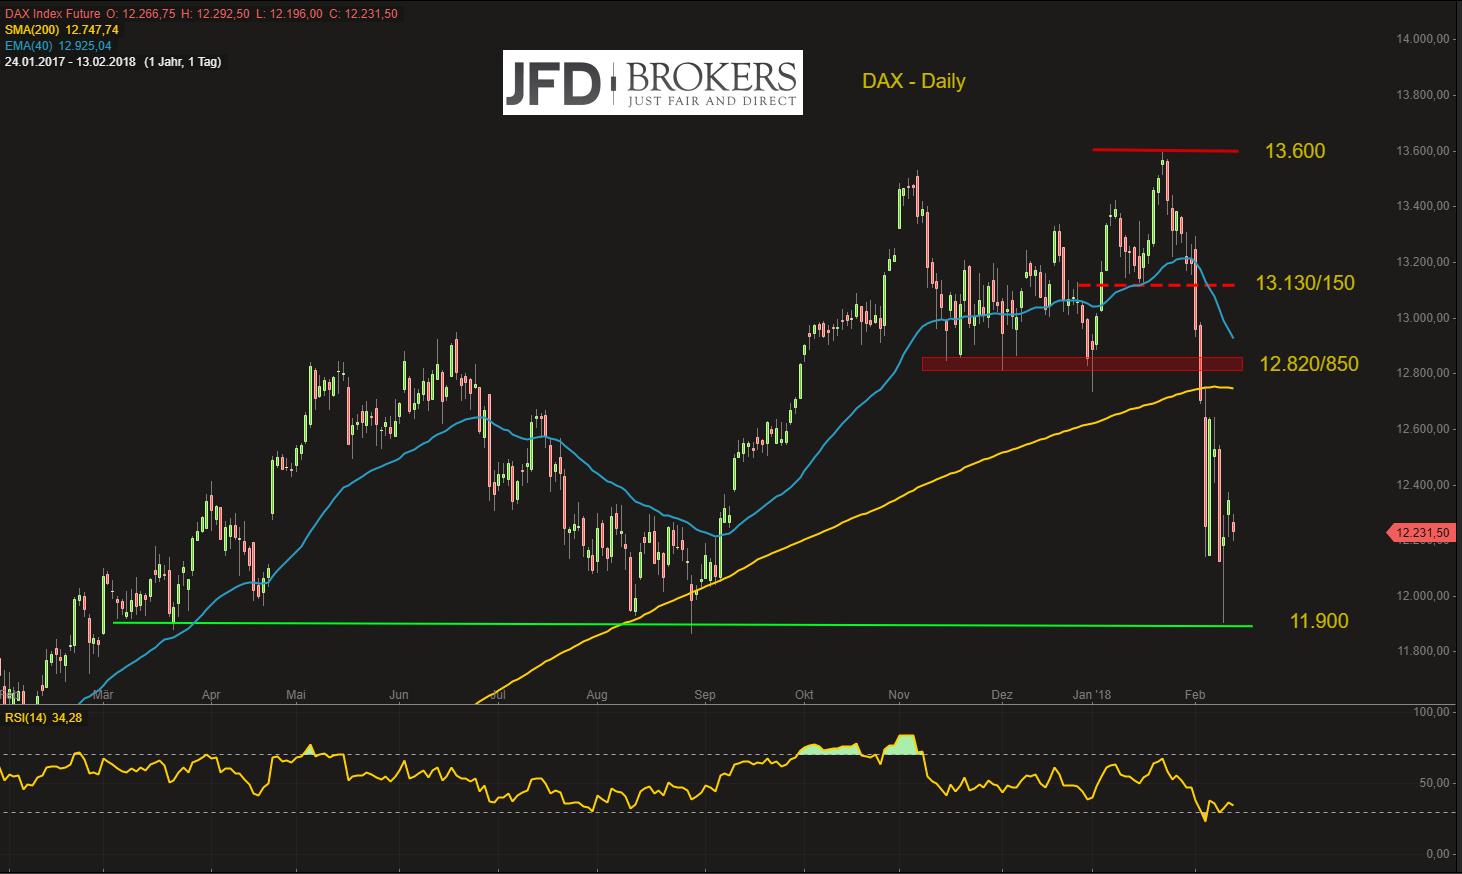 DAX-wartet-gebannt-auf-die-US-Märkte-noch-stabil-noch-Kommentar-JFD-Brokers-GodmodeTrader.de-2